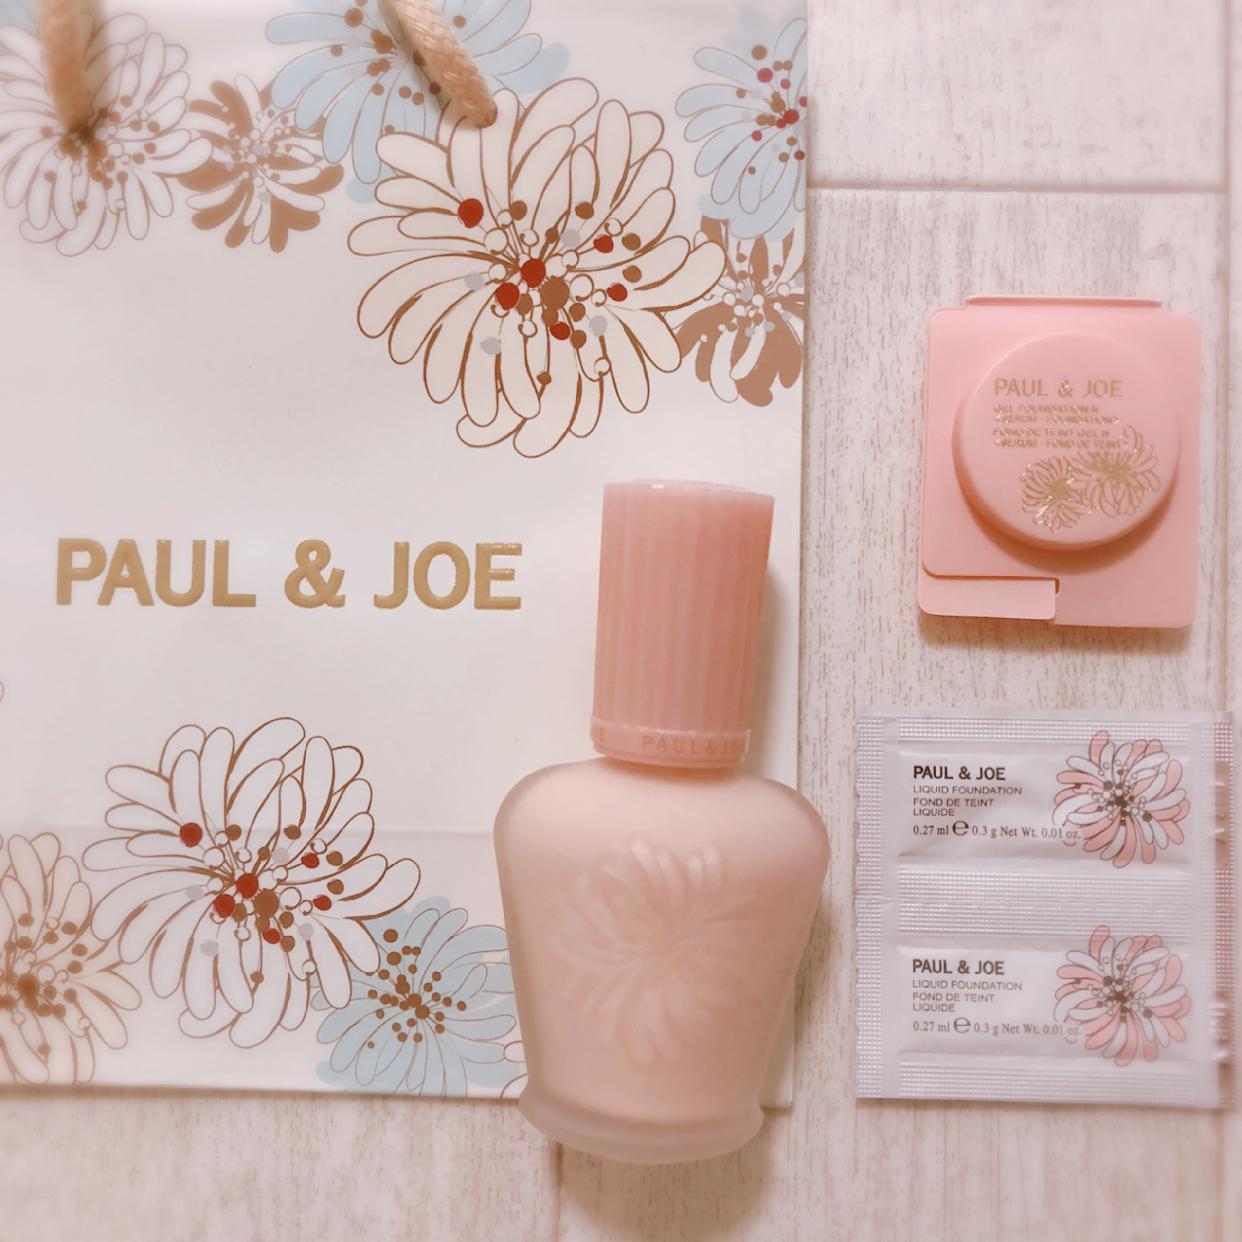 PAUL & JOE BEAUTE(ポールアンドジョー ボーテ) プロテクティング ファンデーション プライマーを使ったORIONさんのクチコミ画像2